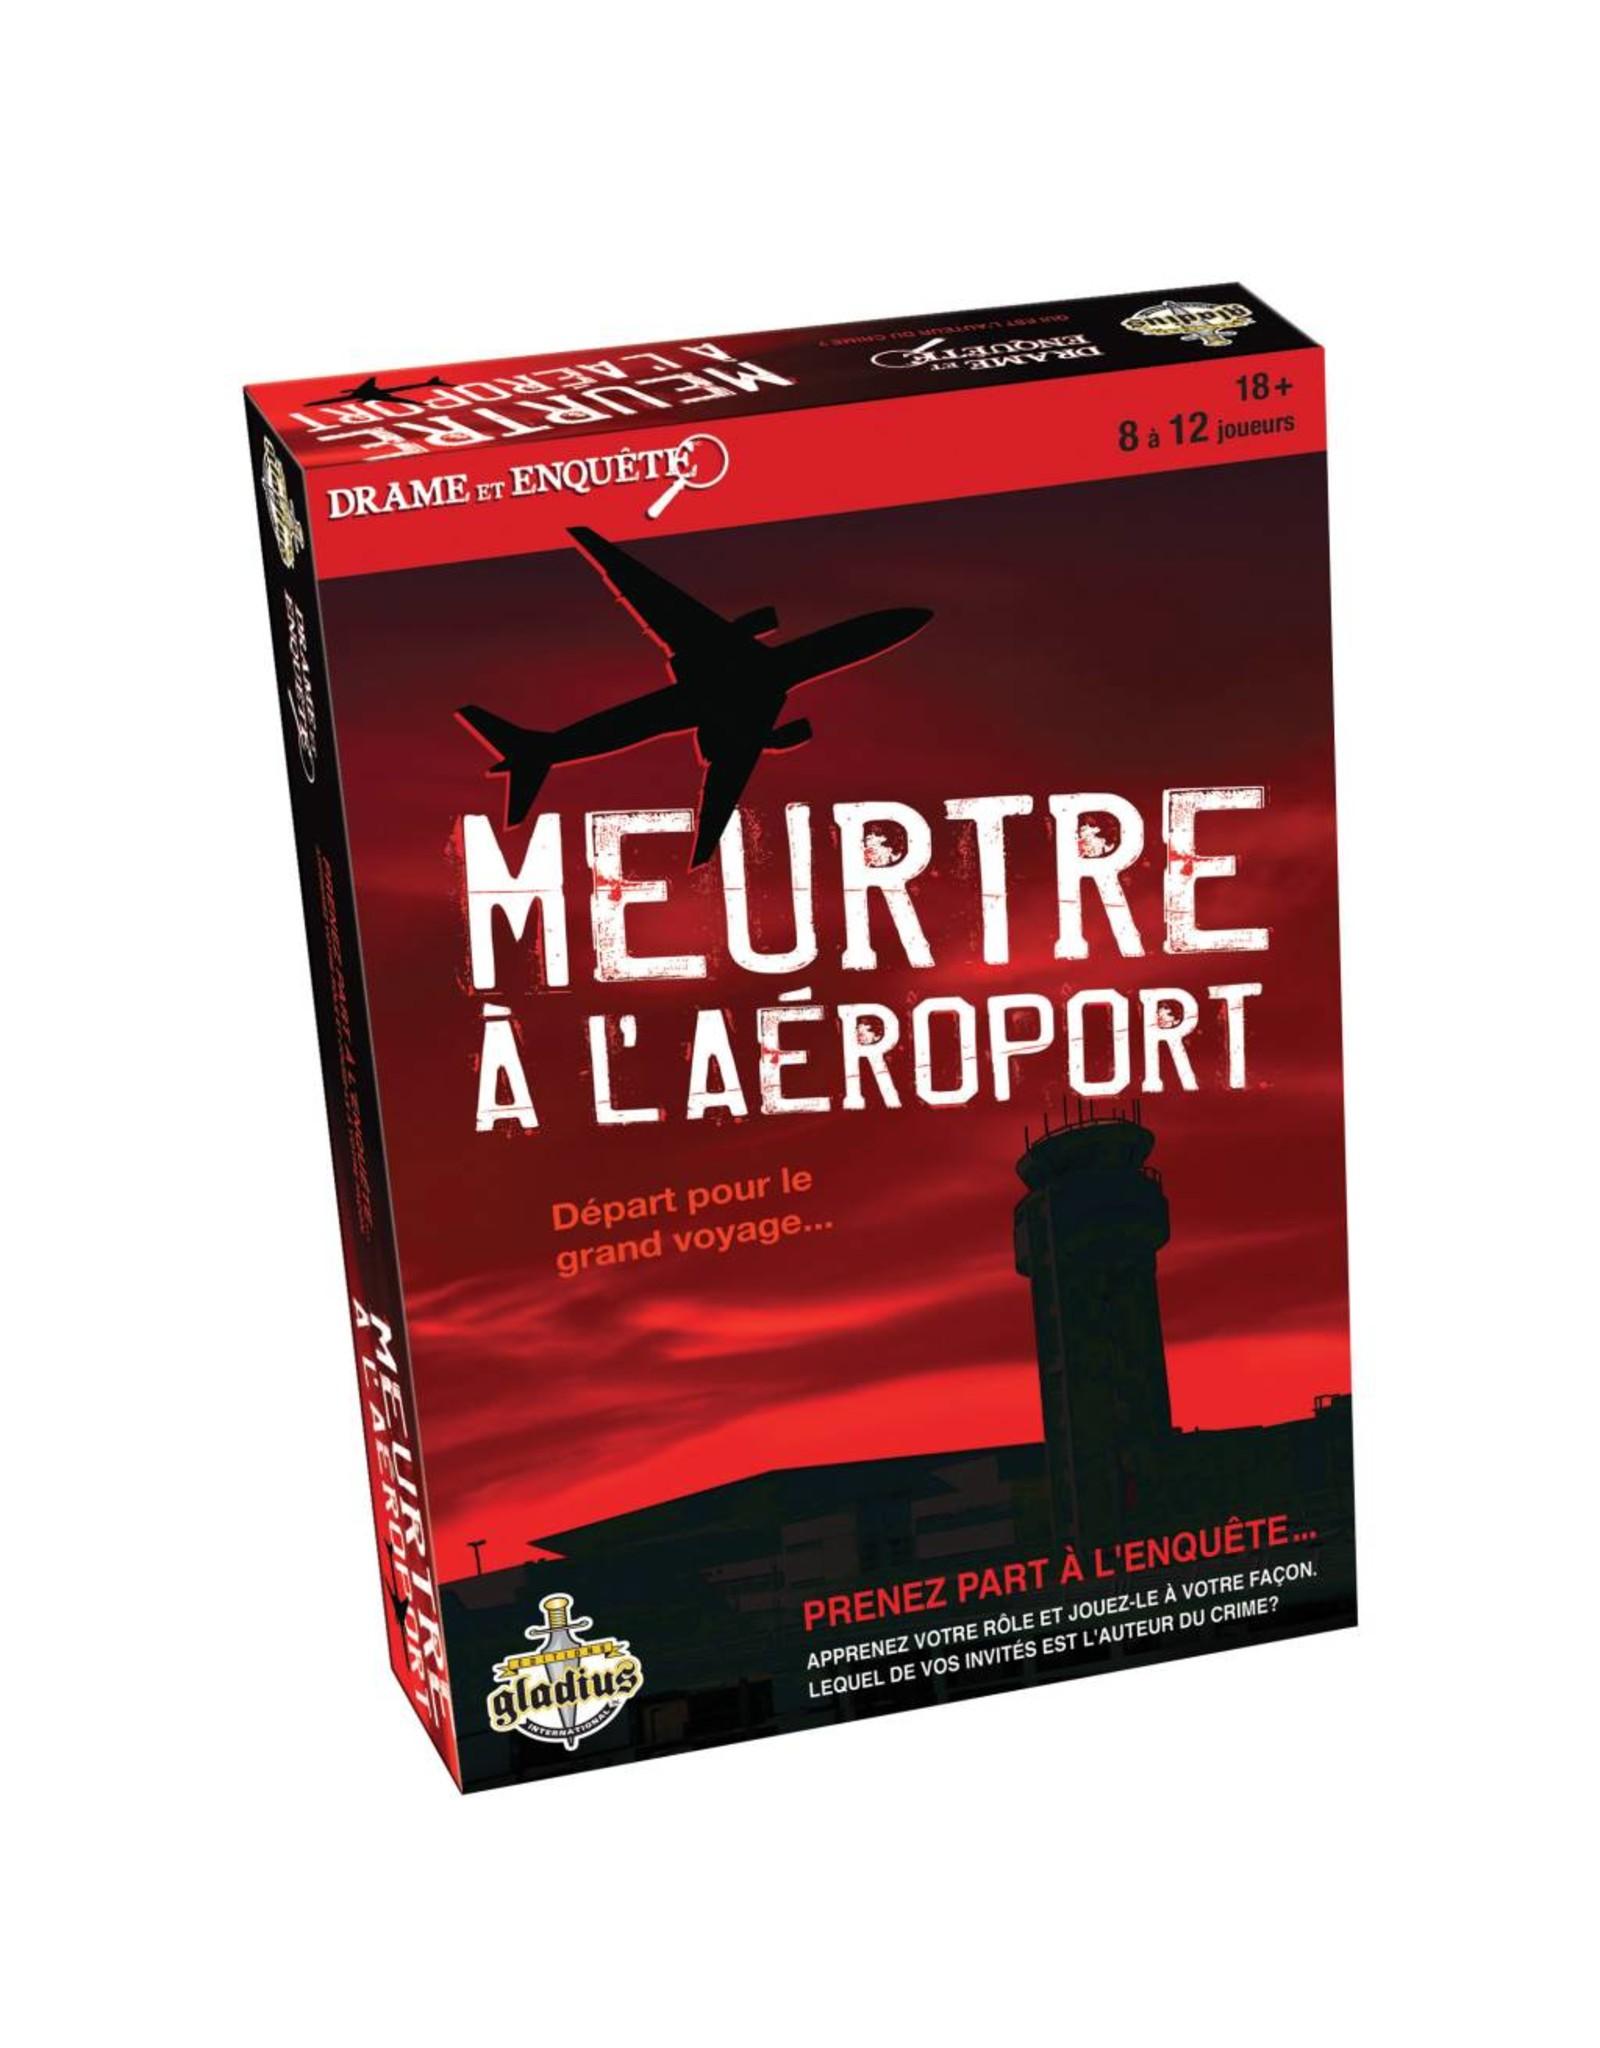 Gladius Meurtre à l'aéroport - Meurtre et Mystère